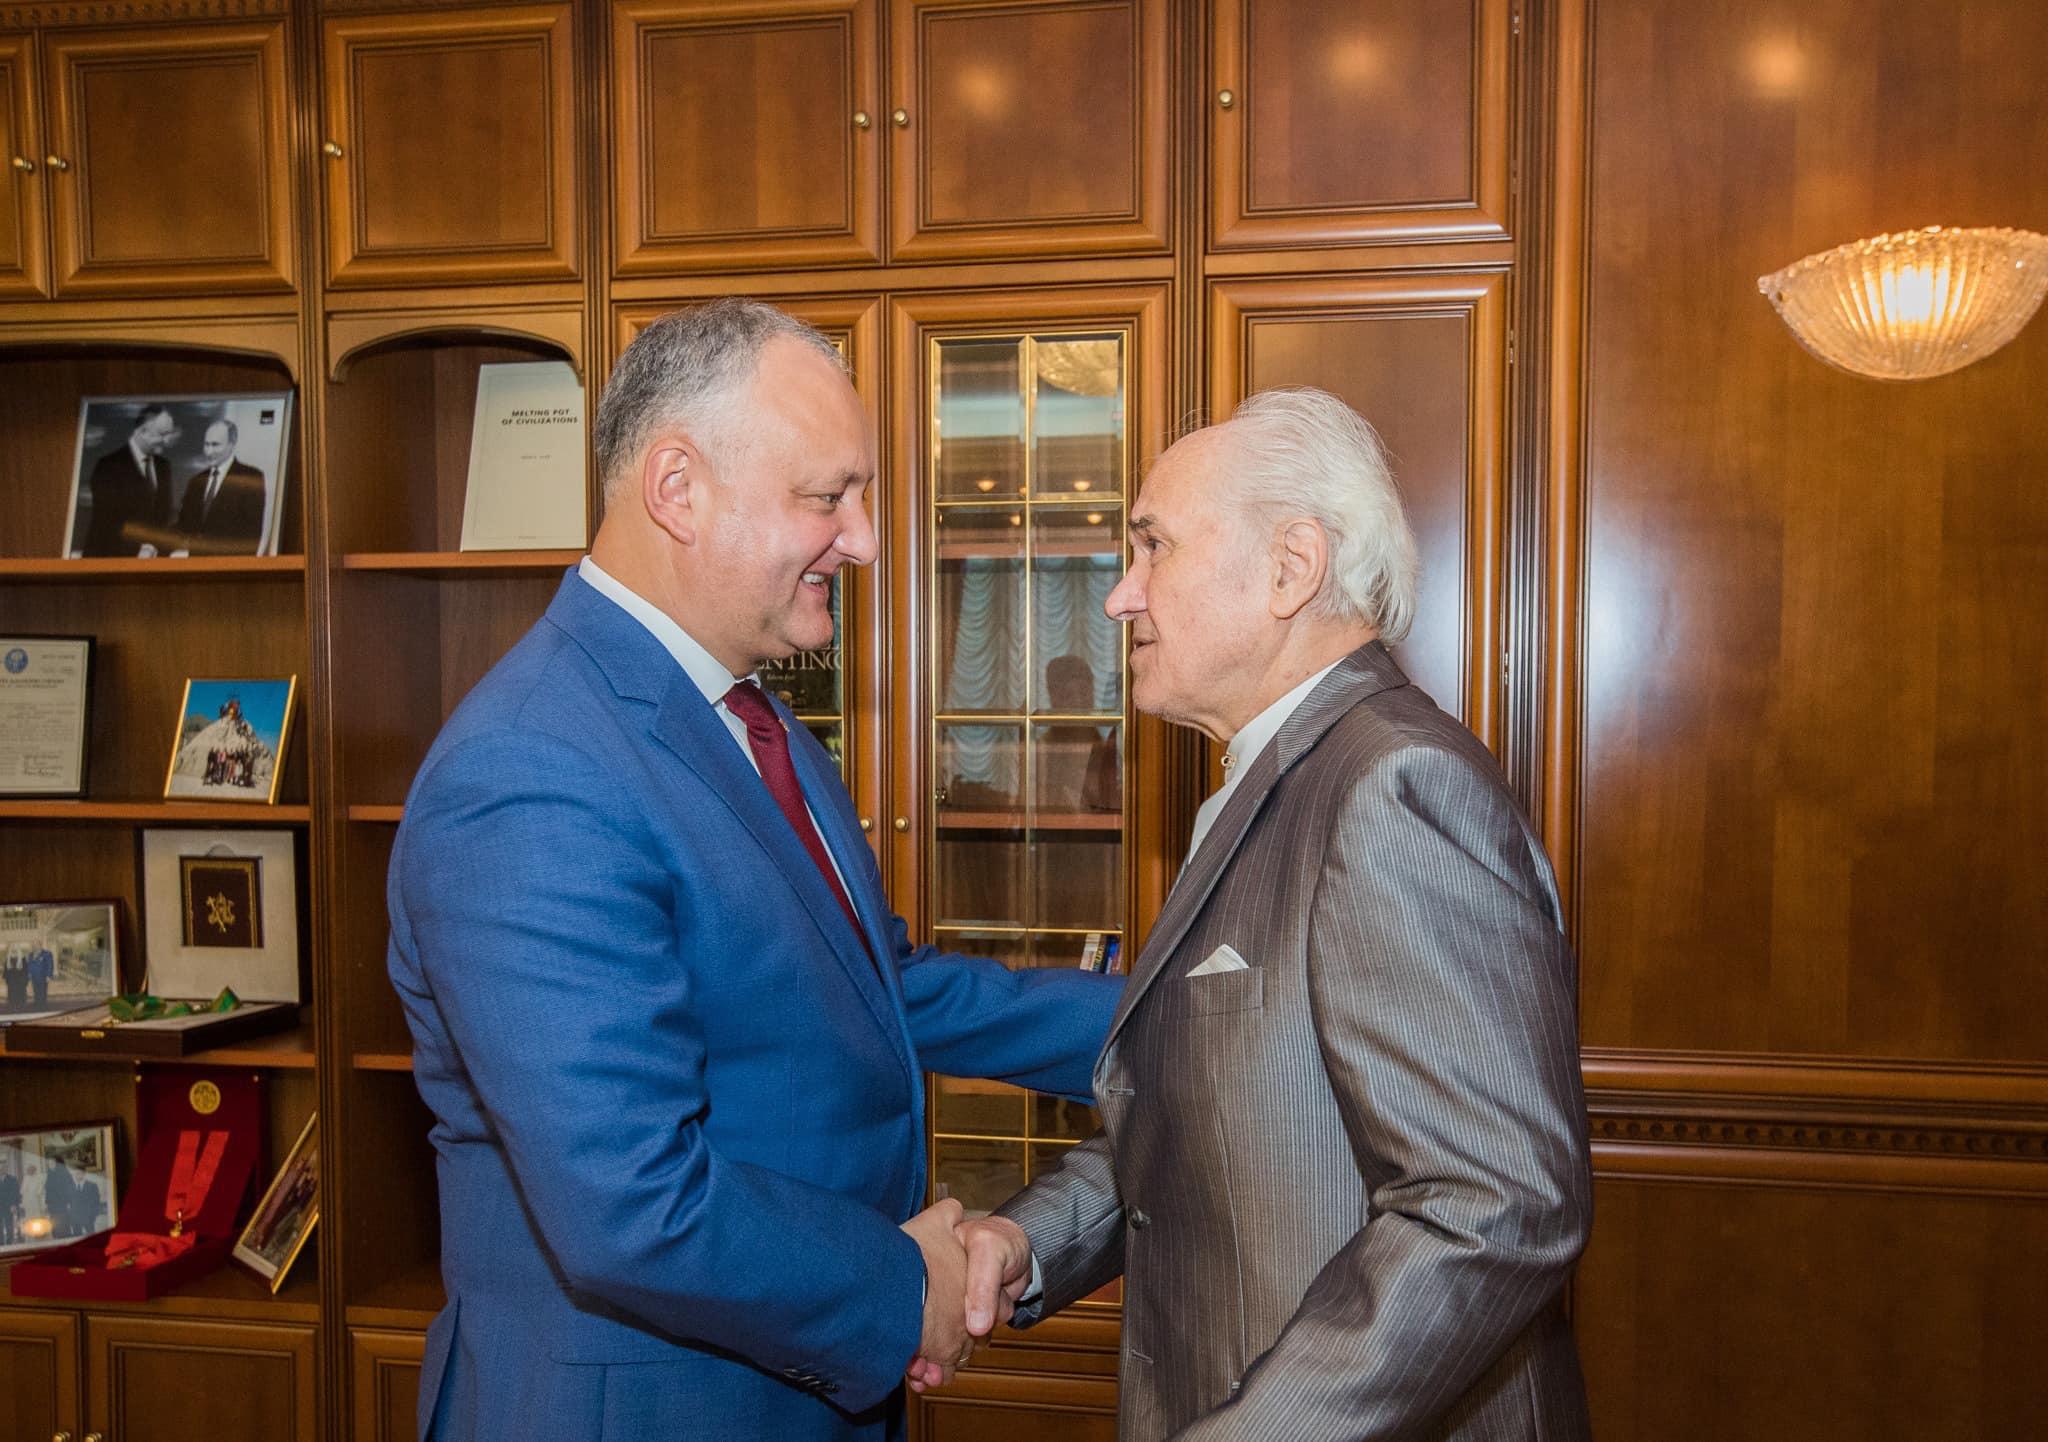 Встреча с маэстро: Игорь Додон пообщался с Евгением Догой (ФОТО, ВИДЕО)